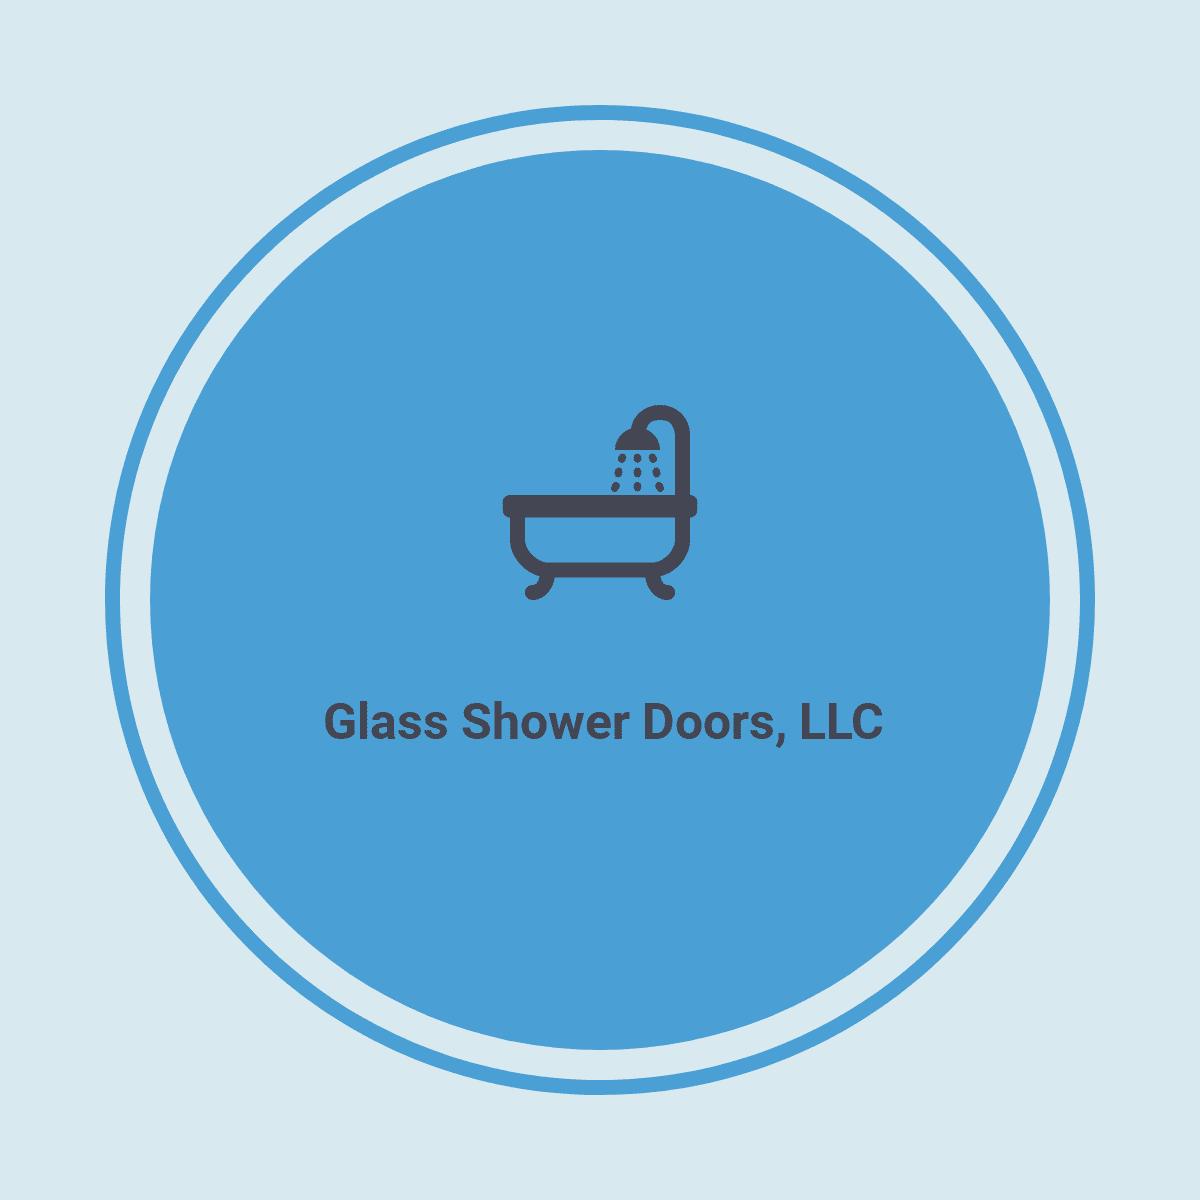 Glass Shower Doors LLC